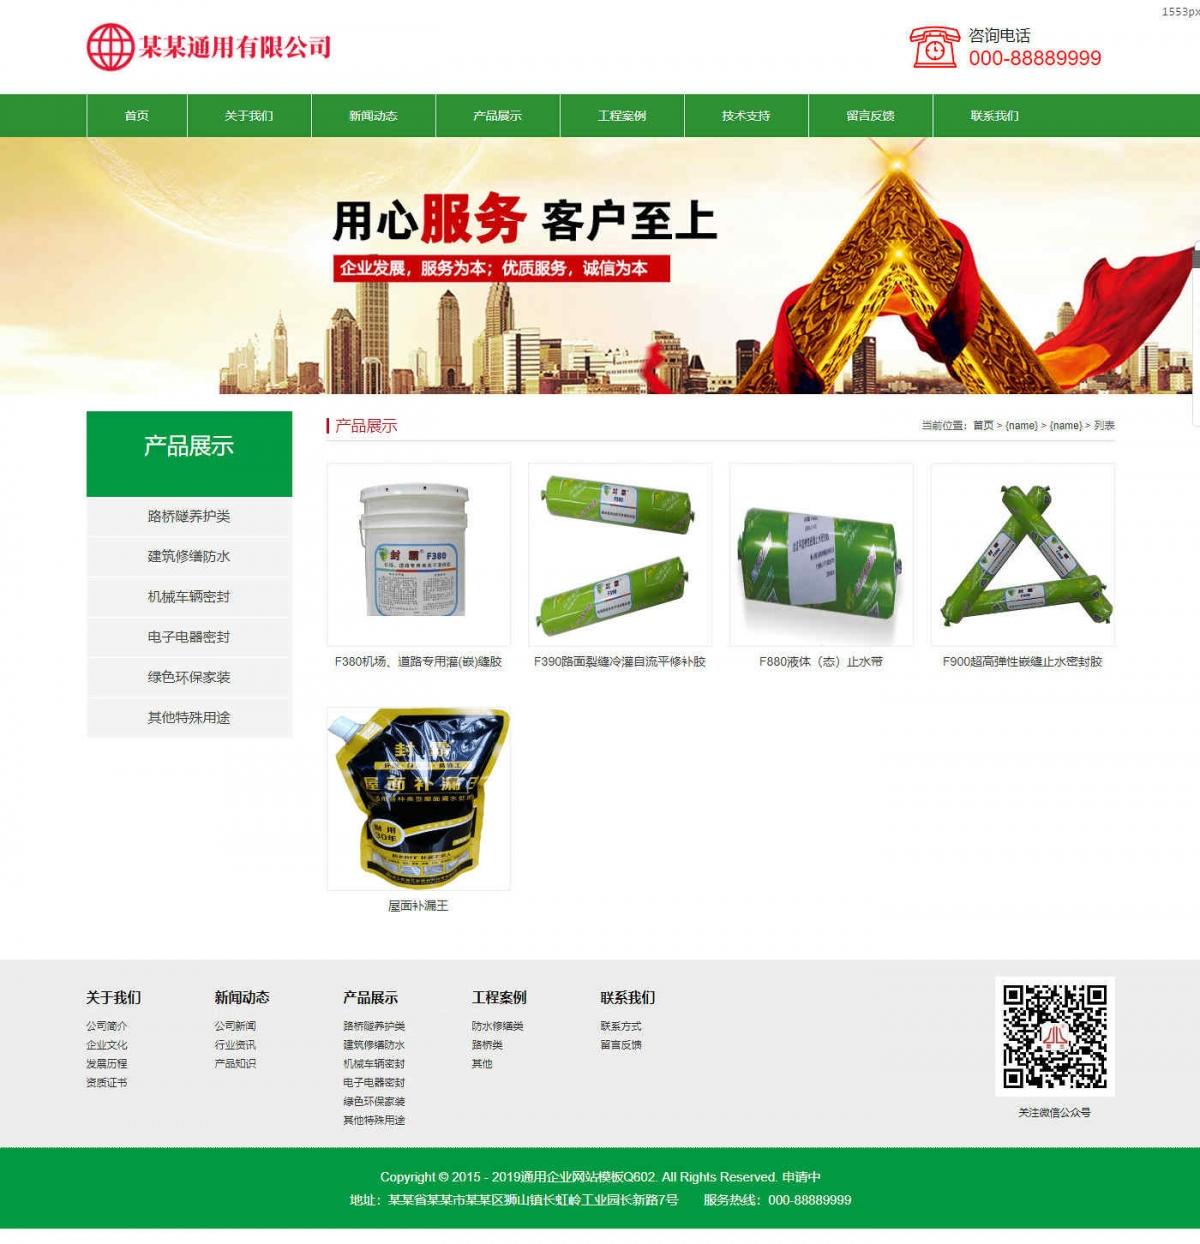 产品展示_产品_通用企业网站模板Q602-jpg